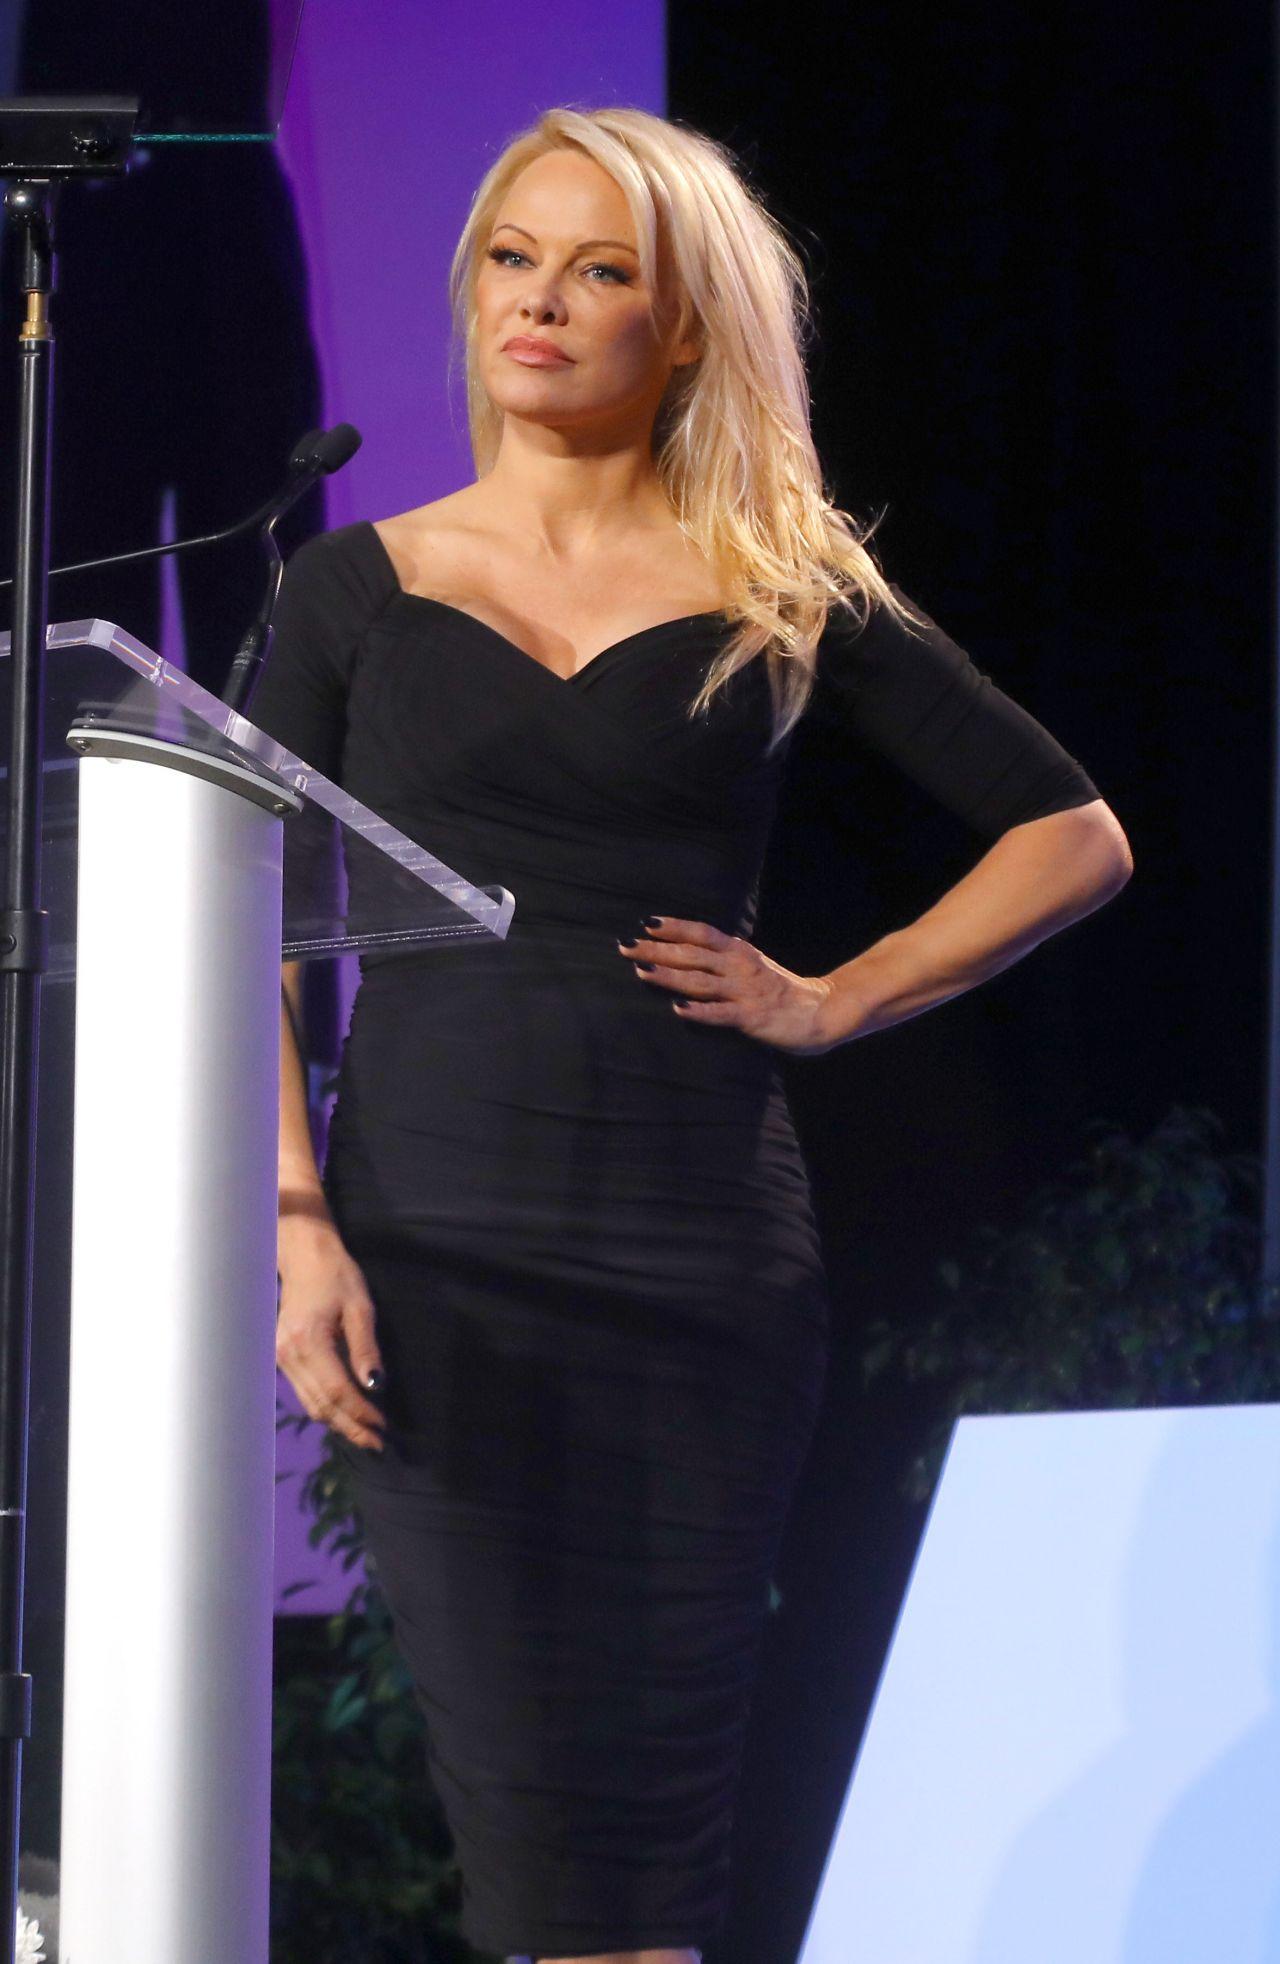 Pamela Anderson Press Conference In Las Vegas 03 12 2018